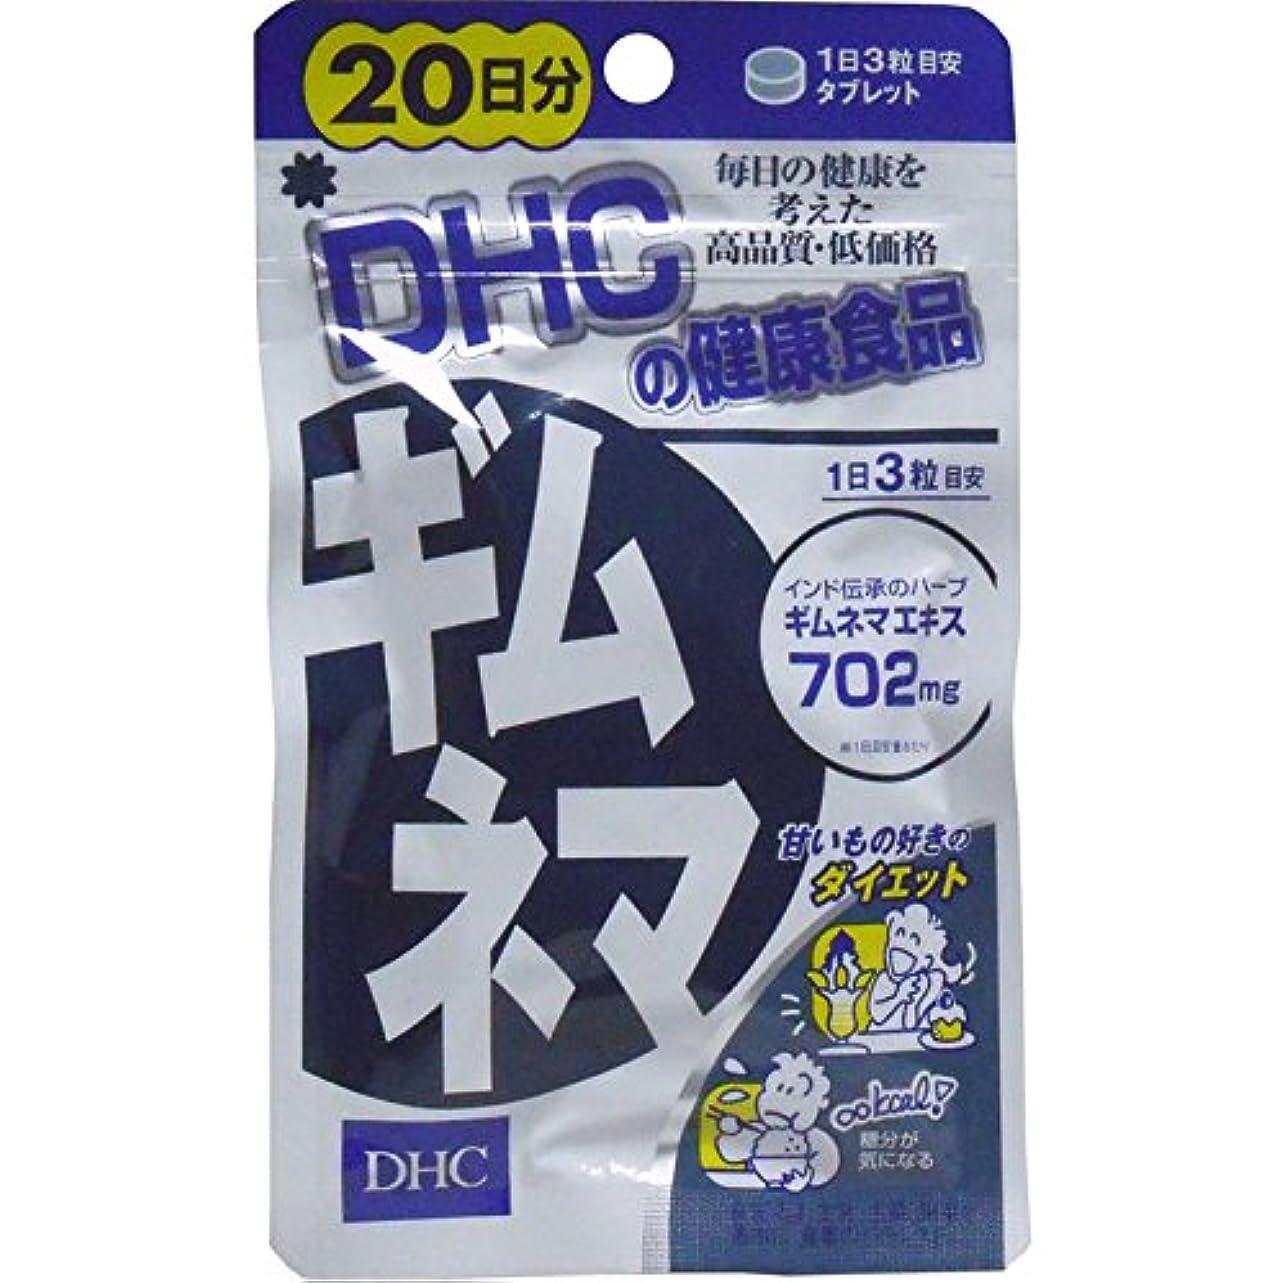 中止します作成者登るダイエット 美容 健康 余分な糖分をブロック 便利 DHC ギムネマ 20日分 60粒【2個セット】